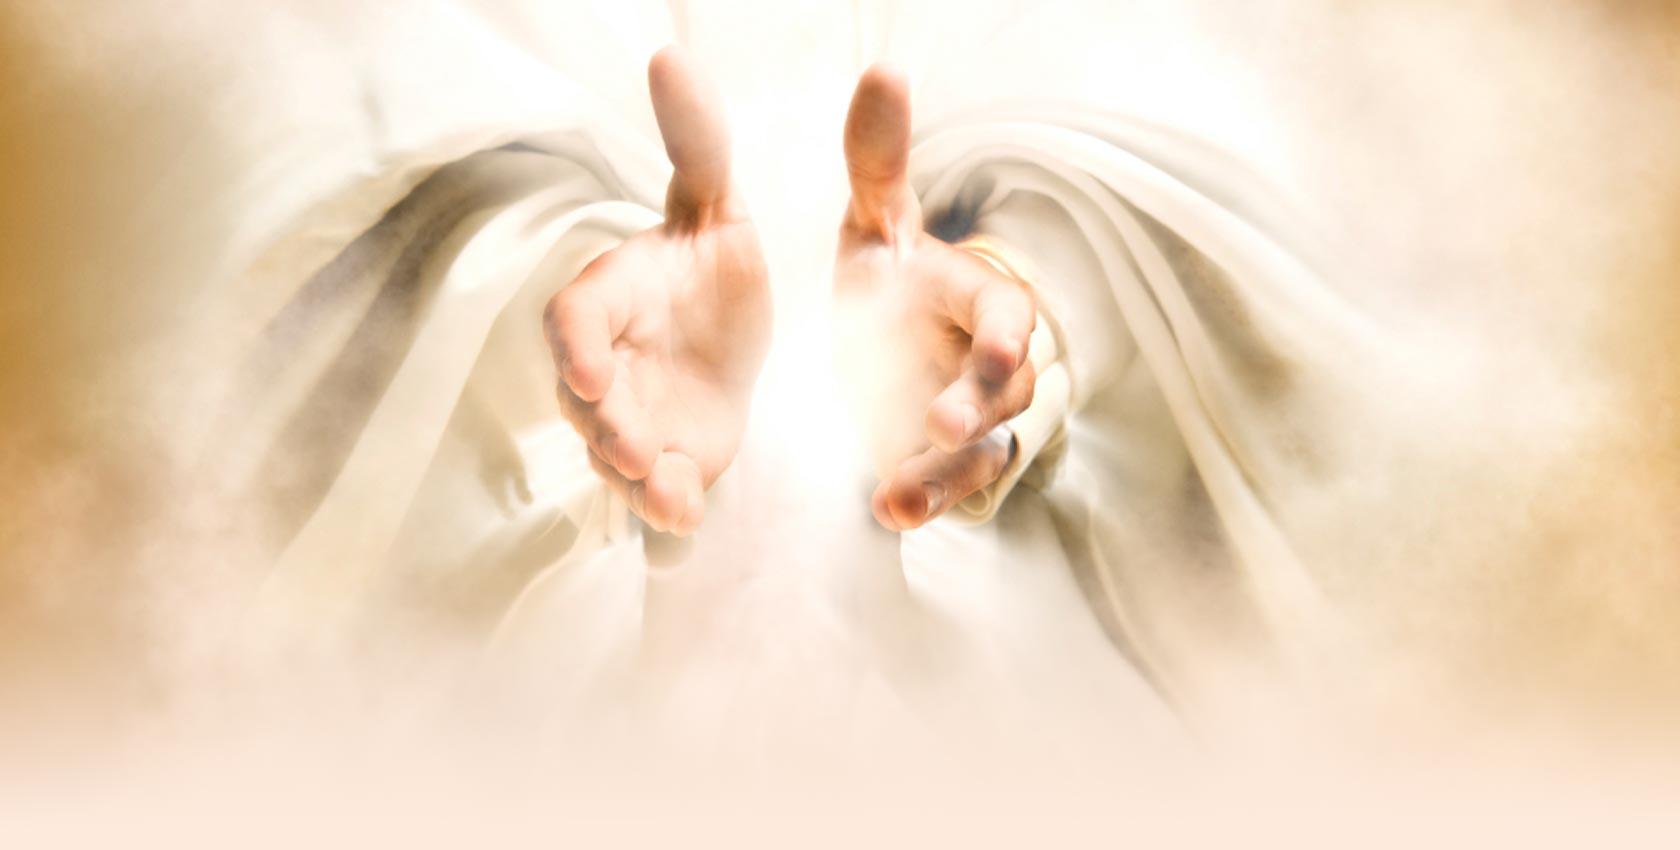 Картинка бог держит в своей руке